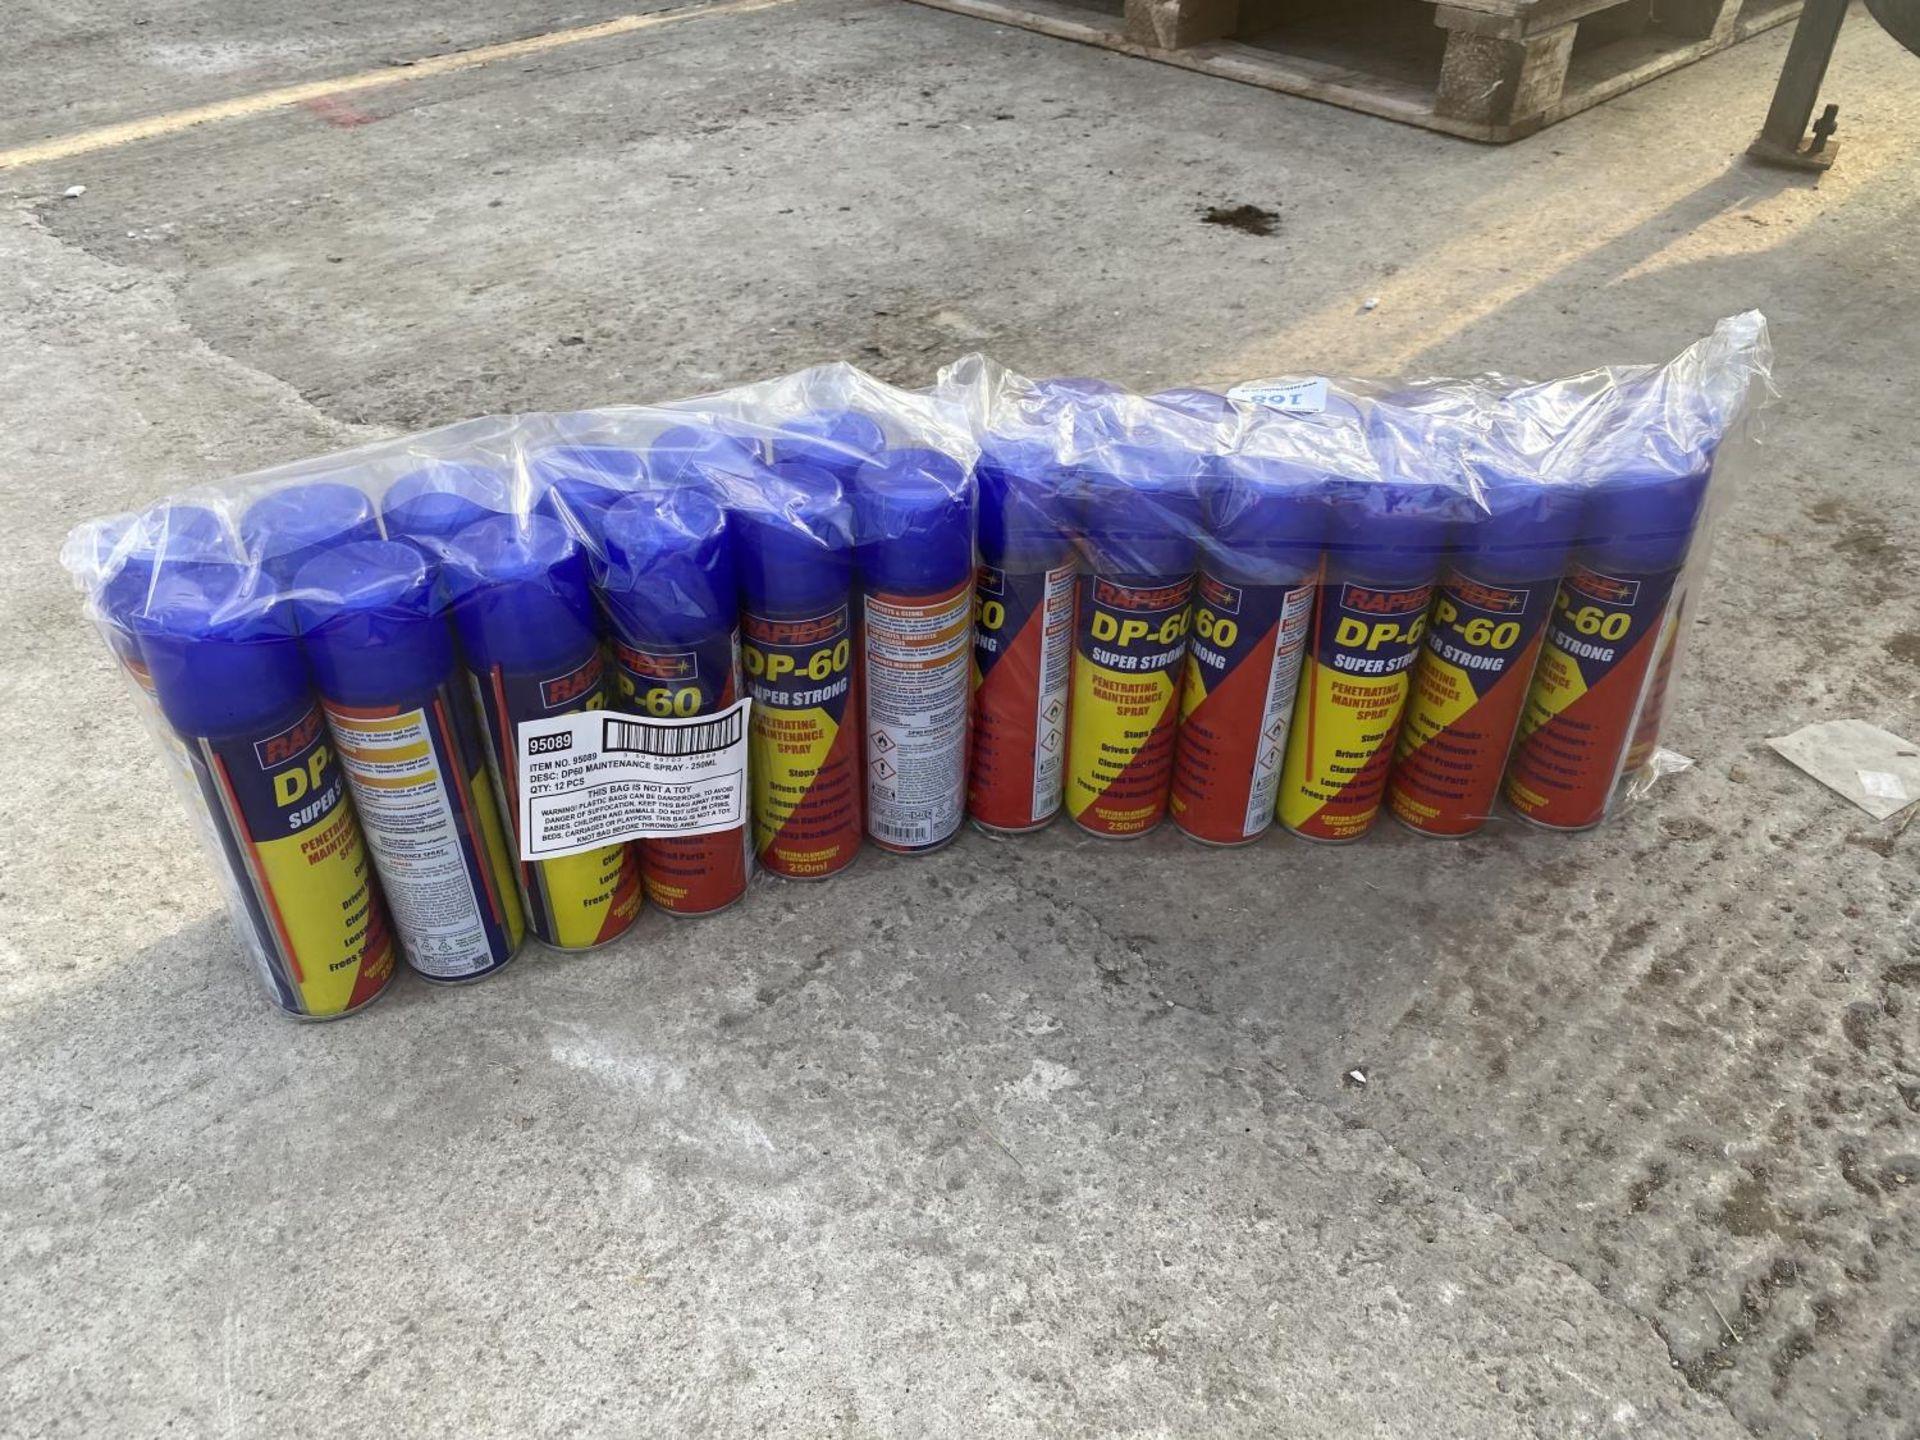 24 CANS DP60 SPRAY + VAT